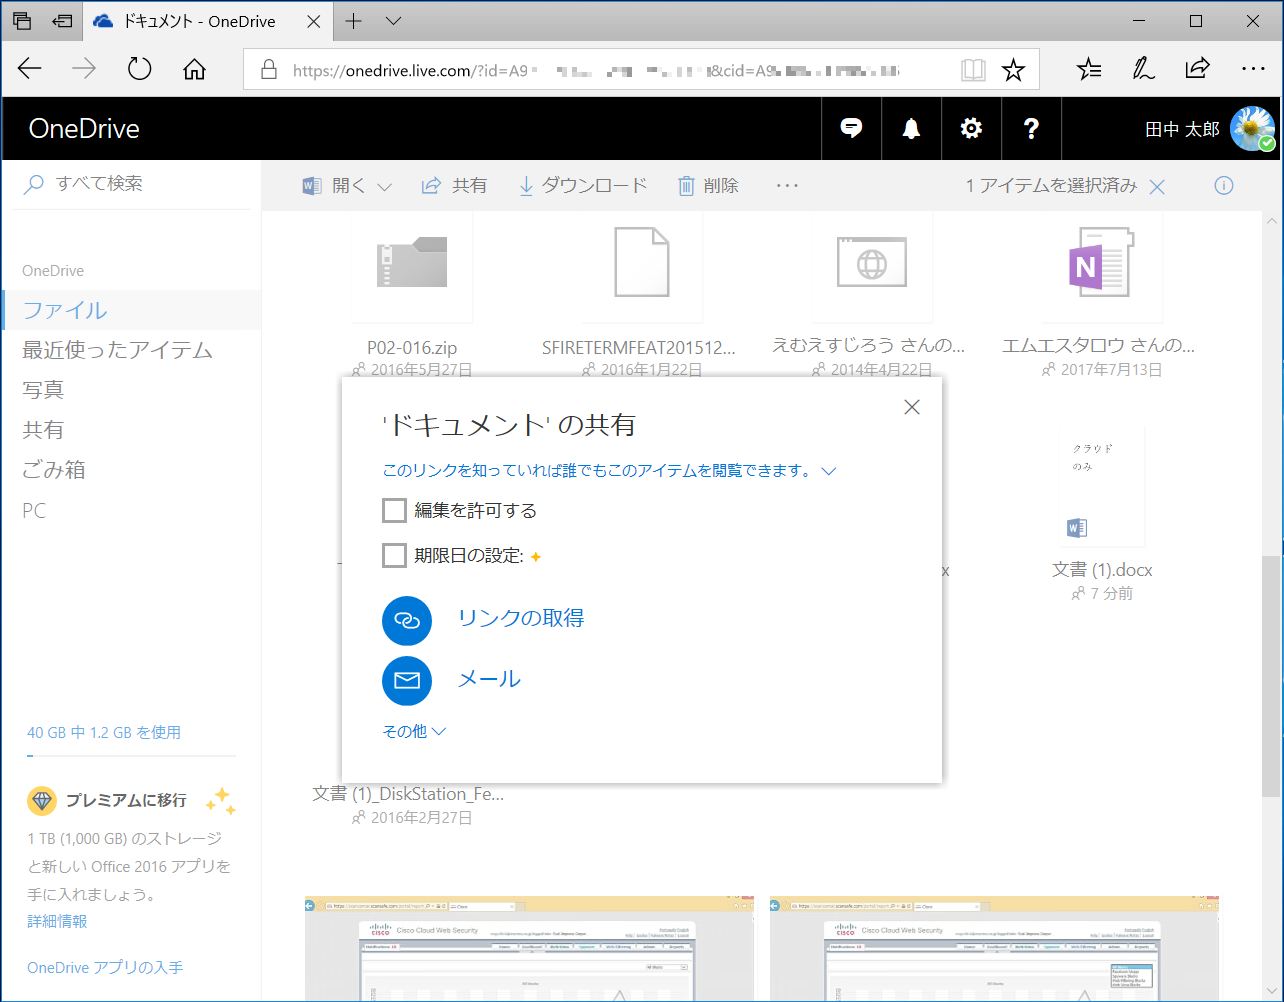 ブラウザーで「OneDrive」にアクセスし、ファイルを選択して[共有]をクリック。[編集を許可する]のチェックマークを外す